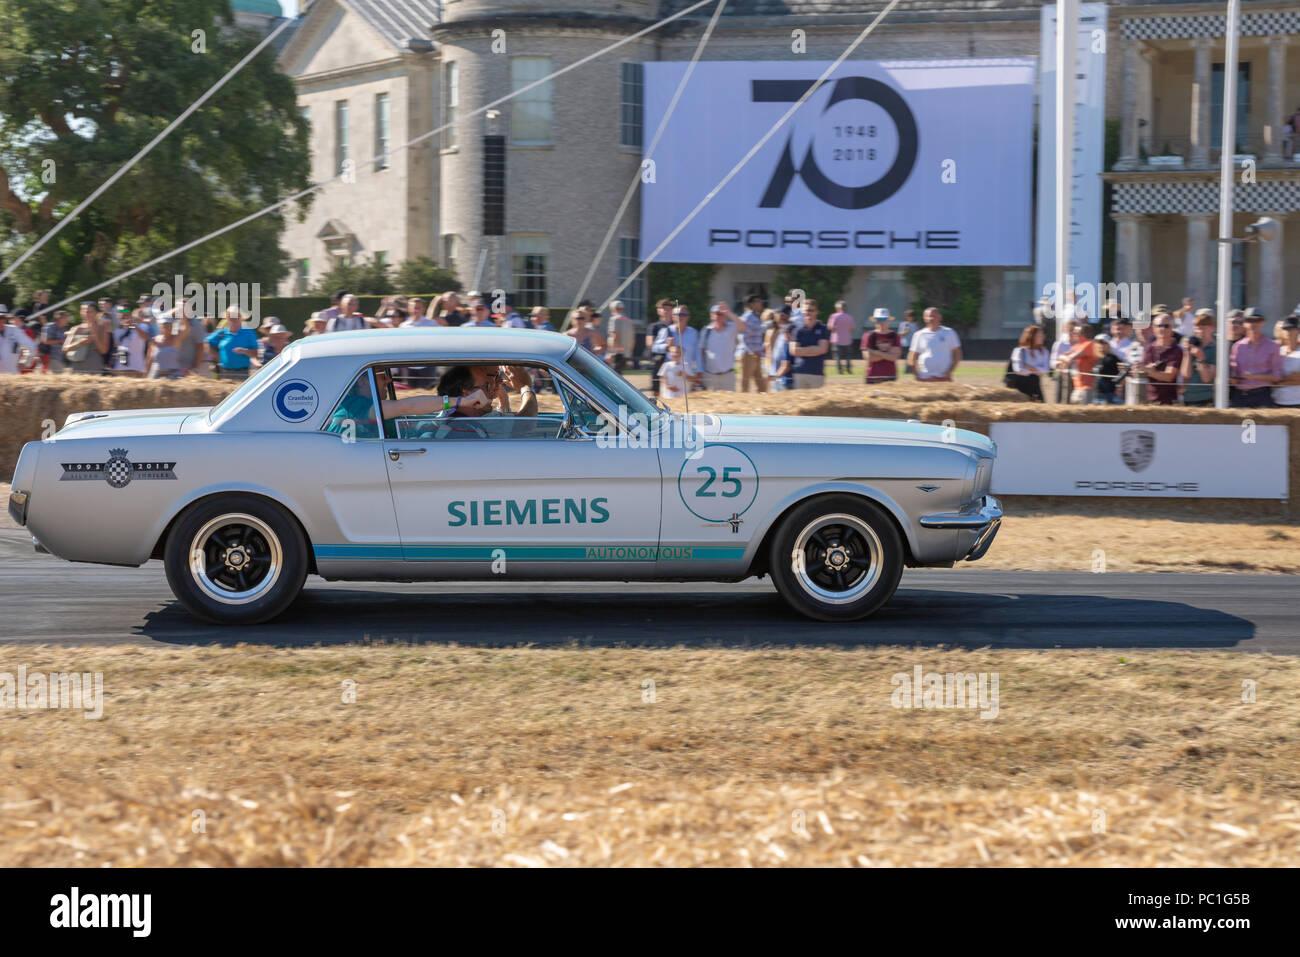 Siemens autonomen Auto, eine Vintage Ford Mustang Fortschritte auf den Hügel klettern, Goodwood House beim Festival der Geschwindigkeit 2018 Stockbild